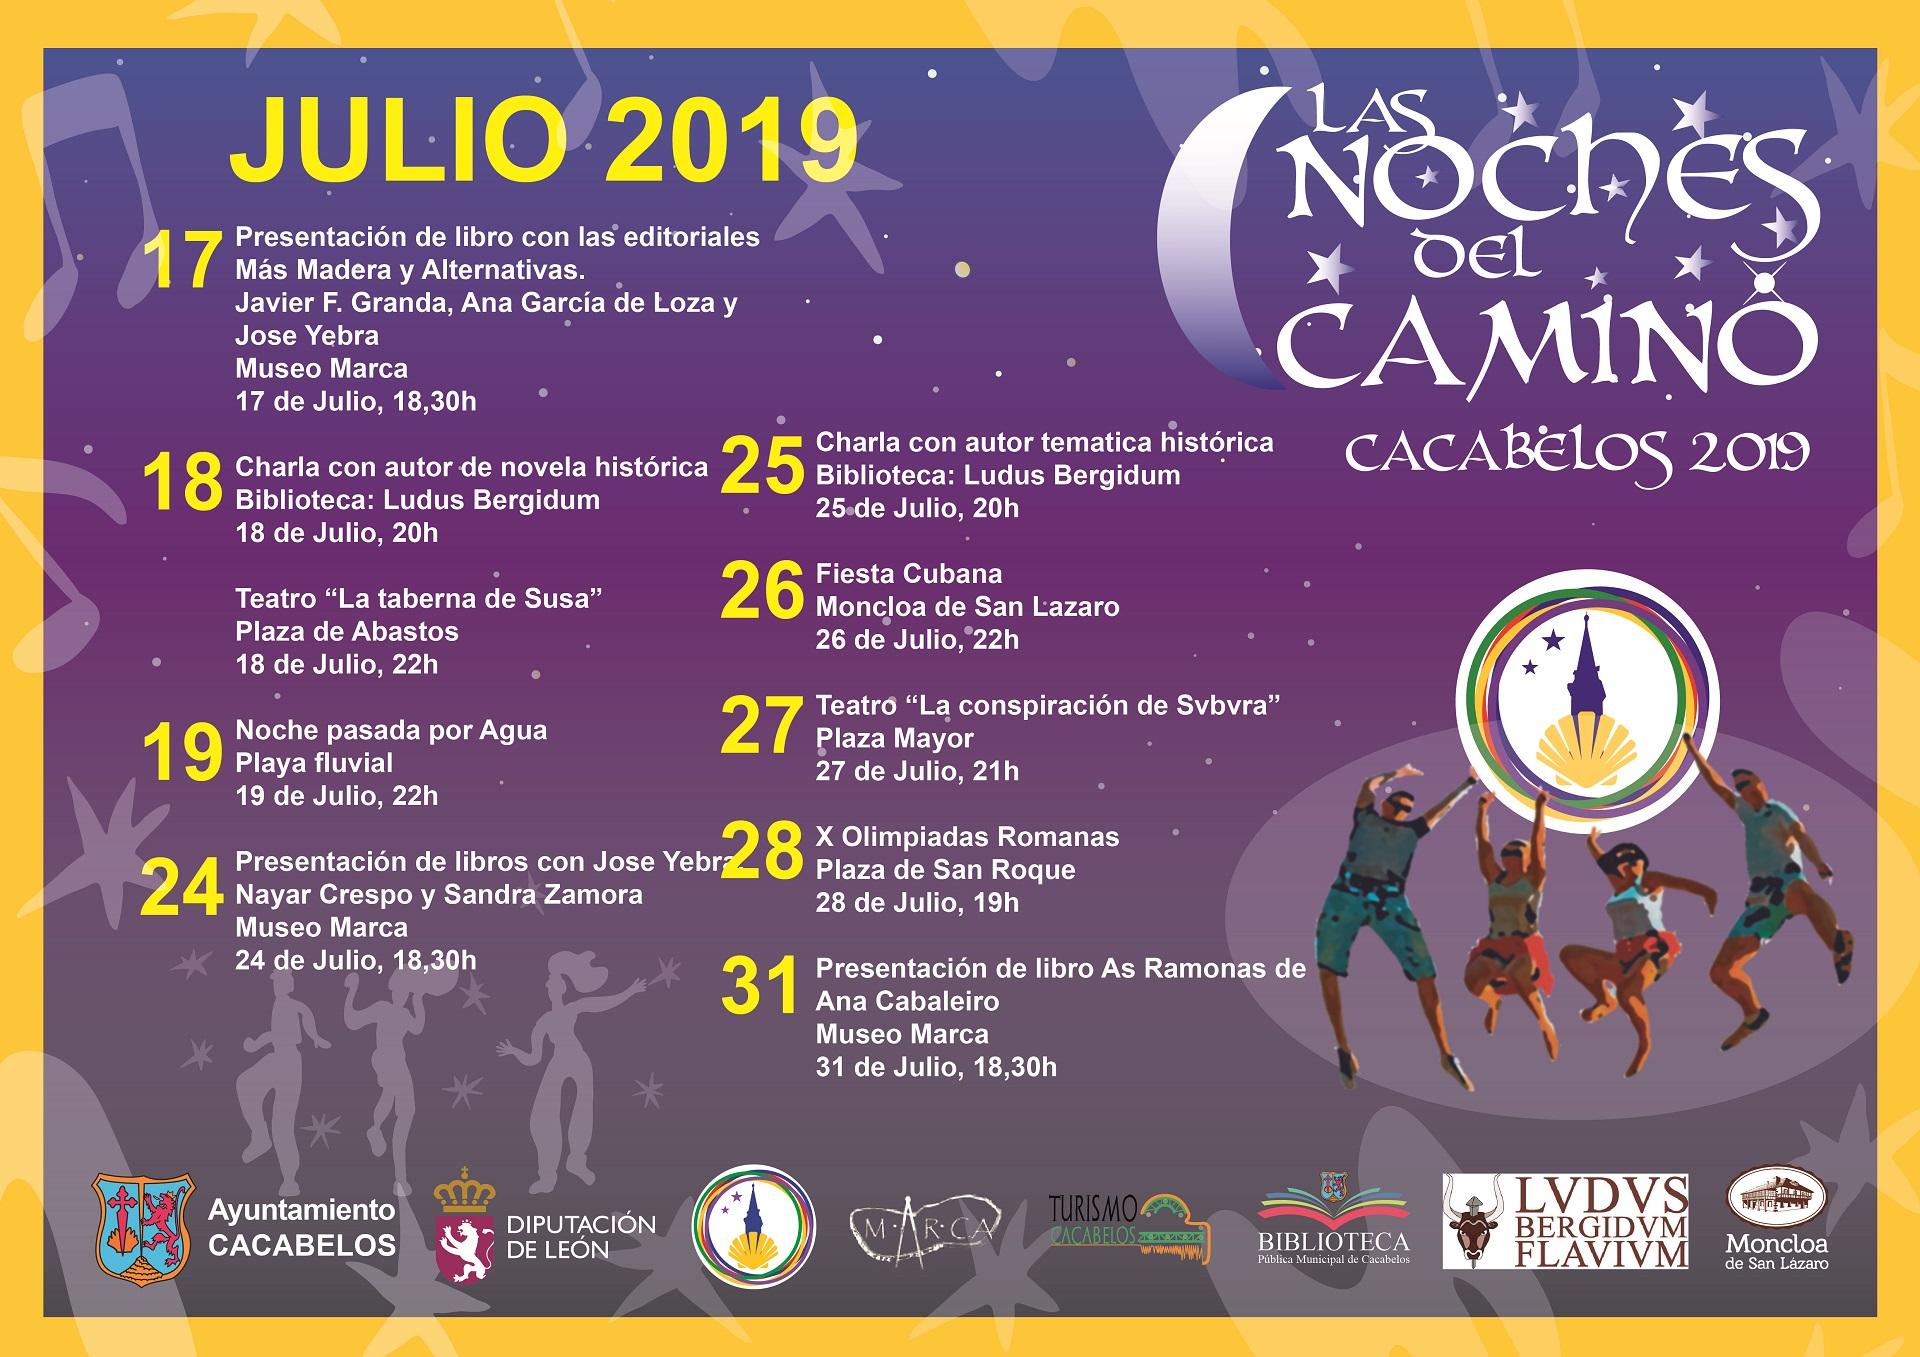 Vuelven Las Noches del Camino 2019 a Cacabelos 2